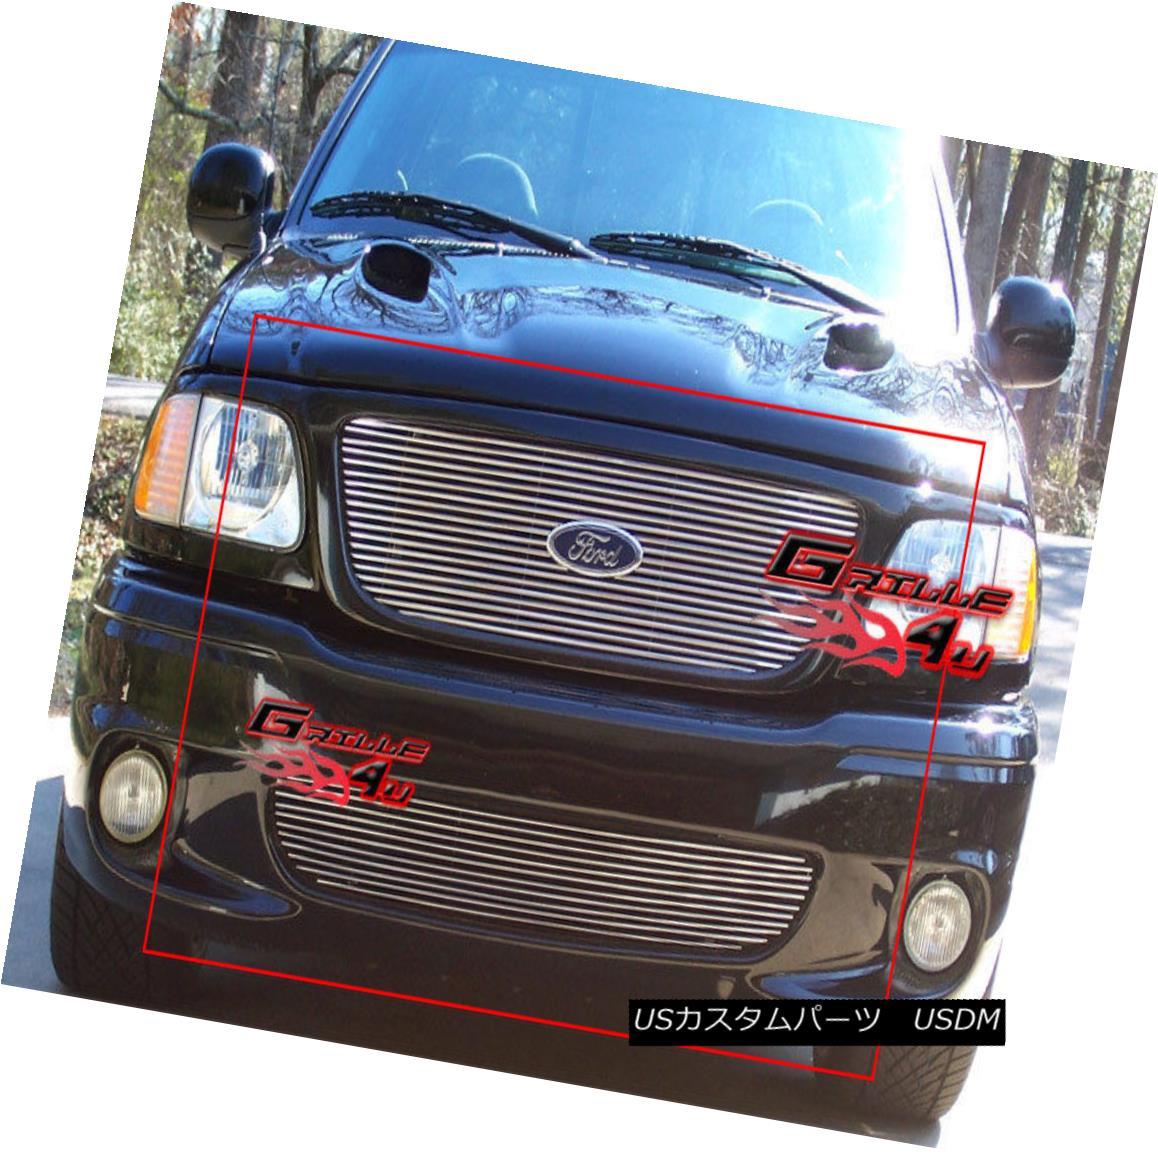 グリル Fits 1999-2003 Ford F-150 Lightning Billet Grille Combo フィット1999-2003フォードF - 150ライトニングビレットグリルコンボ